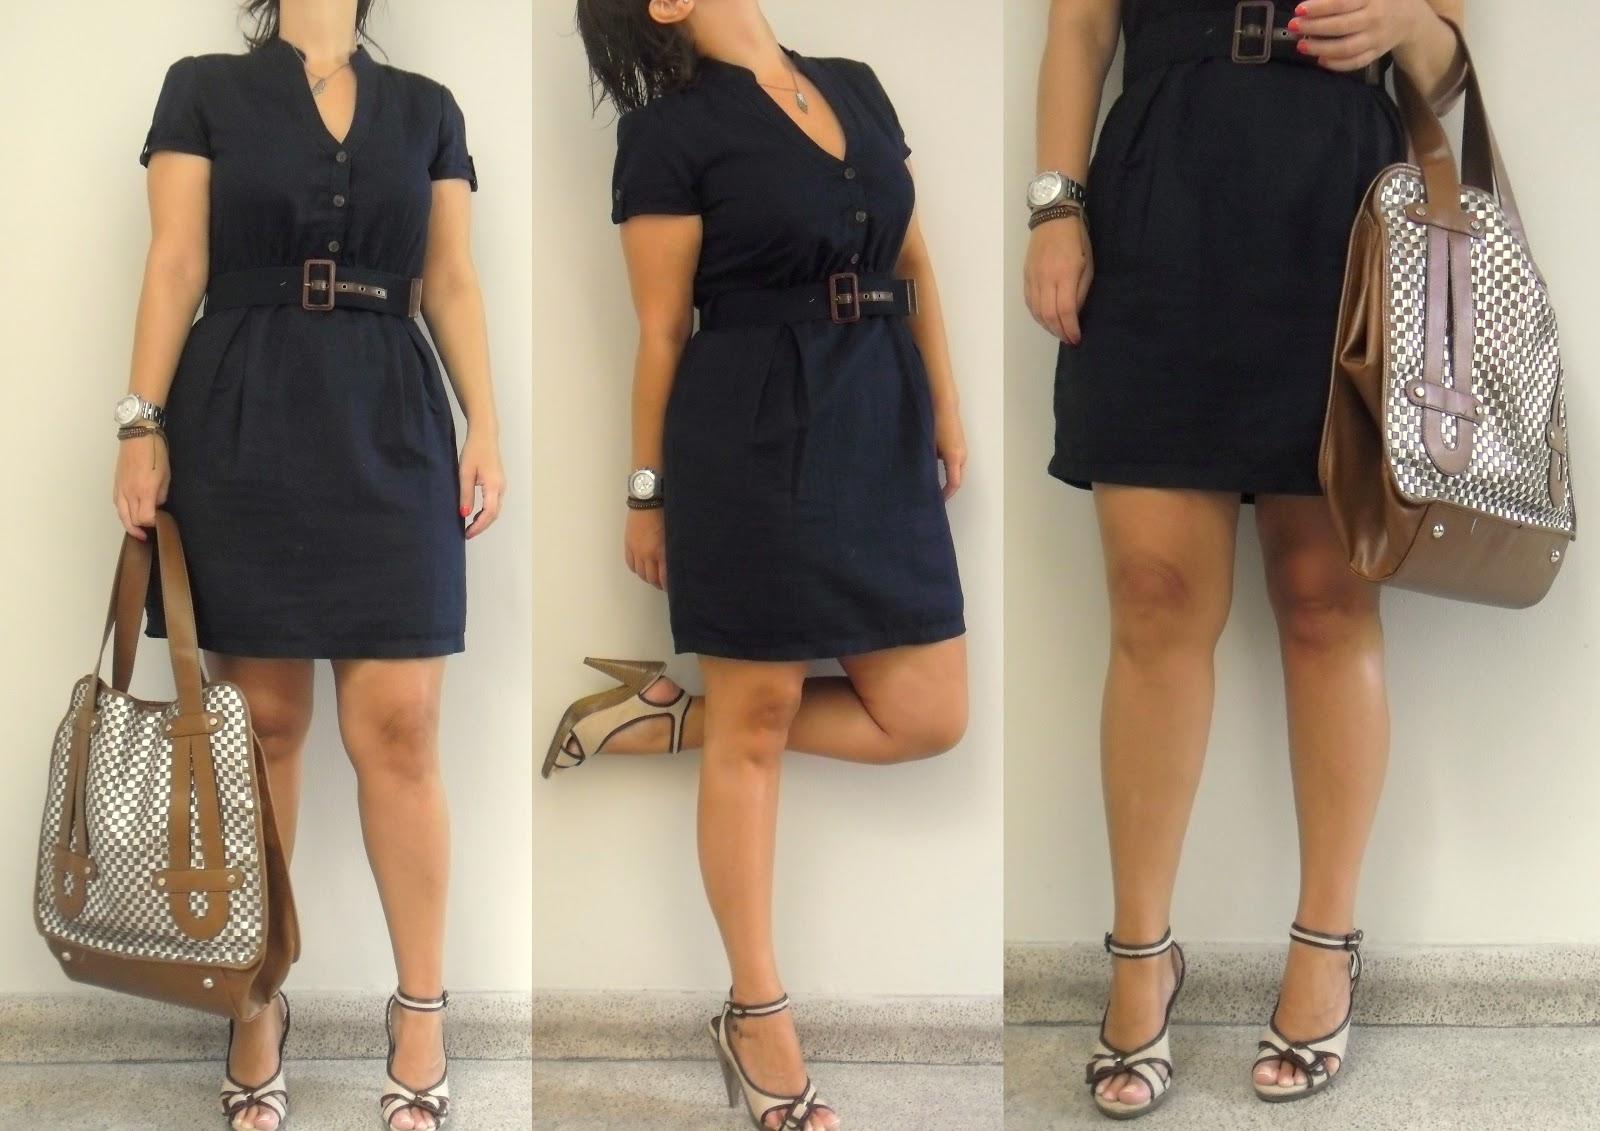 338730a758fe3 Color de zapatos para vestido azul marino – Vestidos madrina